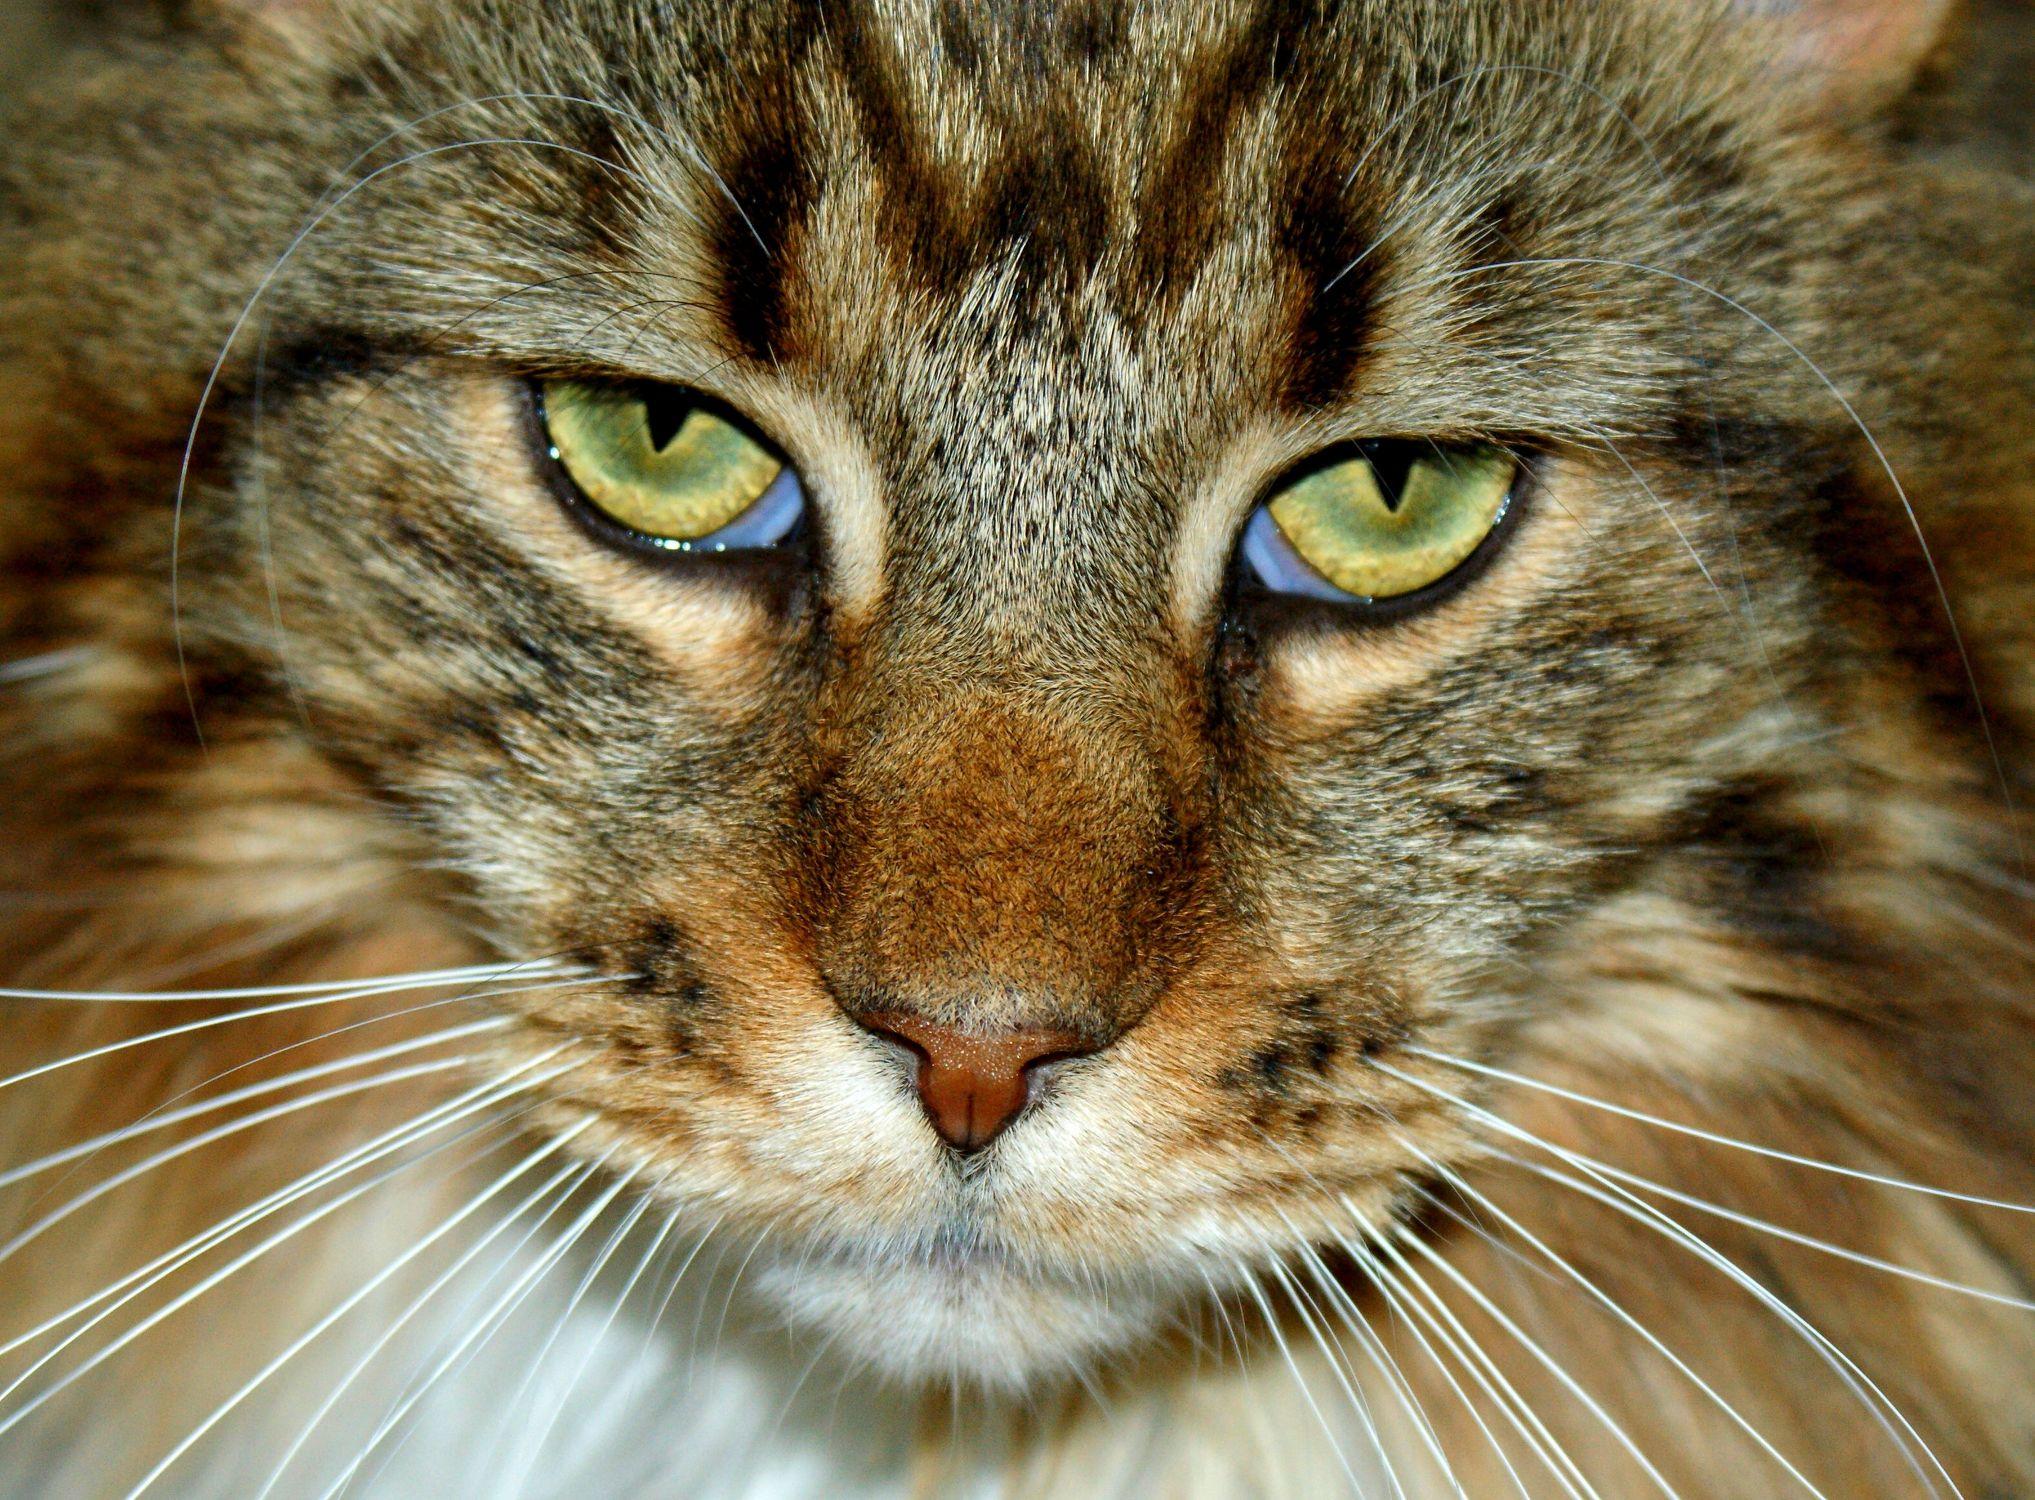 Bild mit Tiere, Katzen, Tier, Katze, Katzenbilder, Tierwelt, Kater